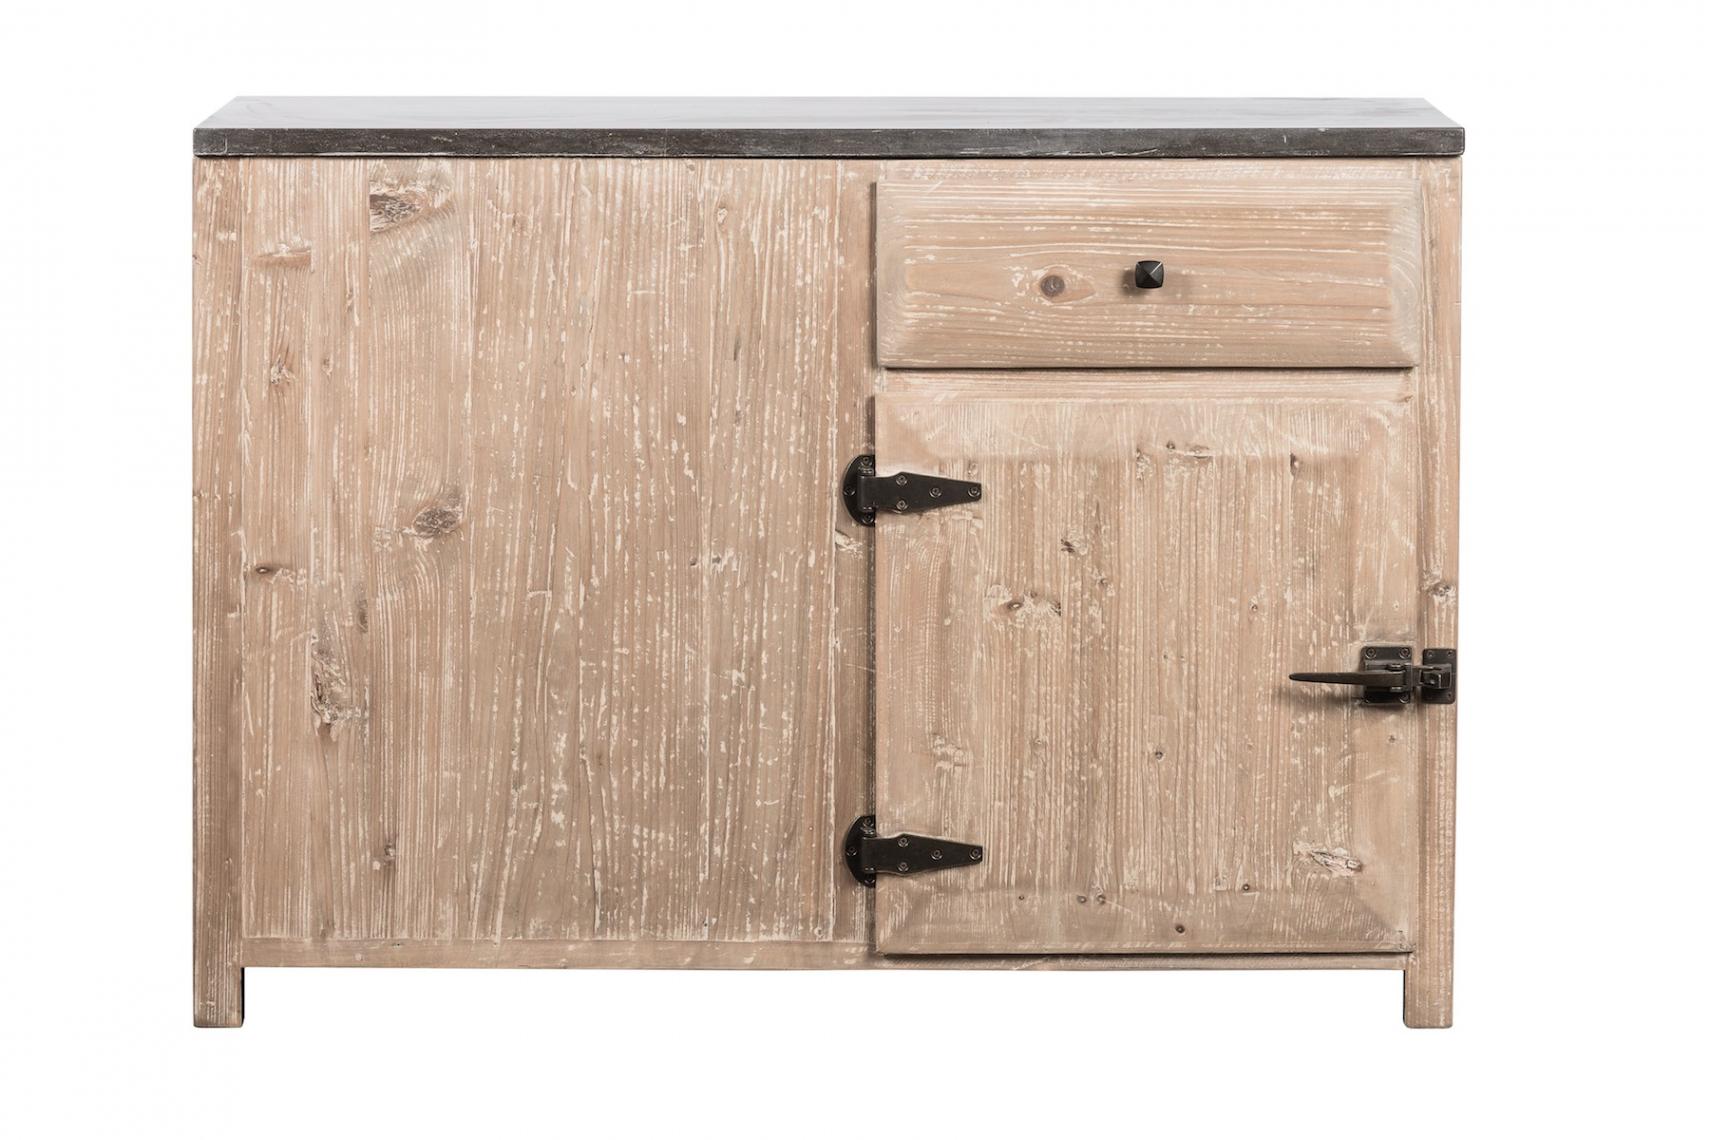 Full Size of Küche Eckschrank Arbeitsplatte Küche Zuschneiden über Eck   Küchen Sideboard Mit Arbeitsplatte Küche Eckschrank Küche